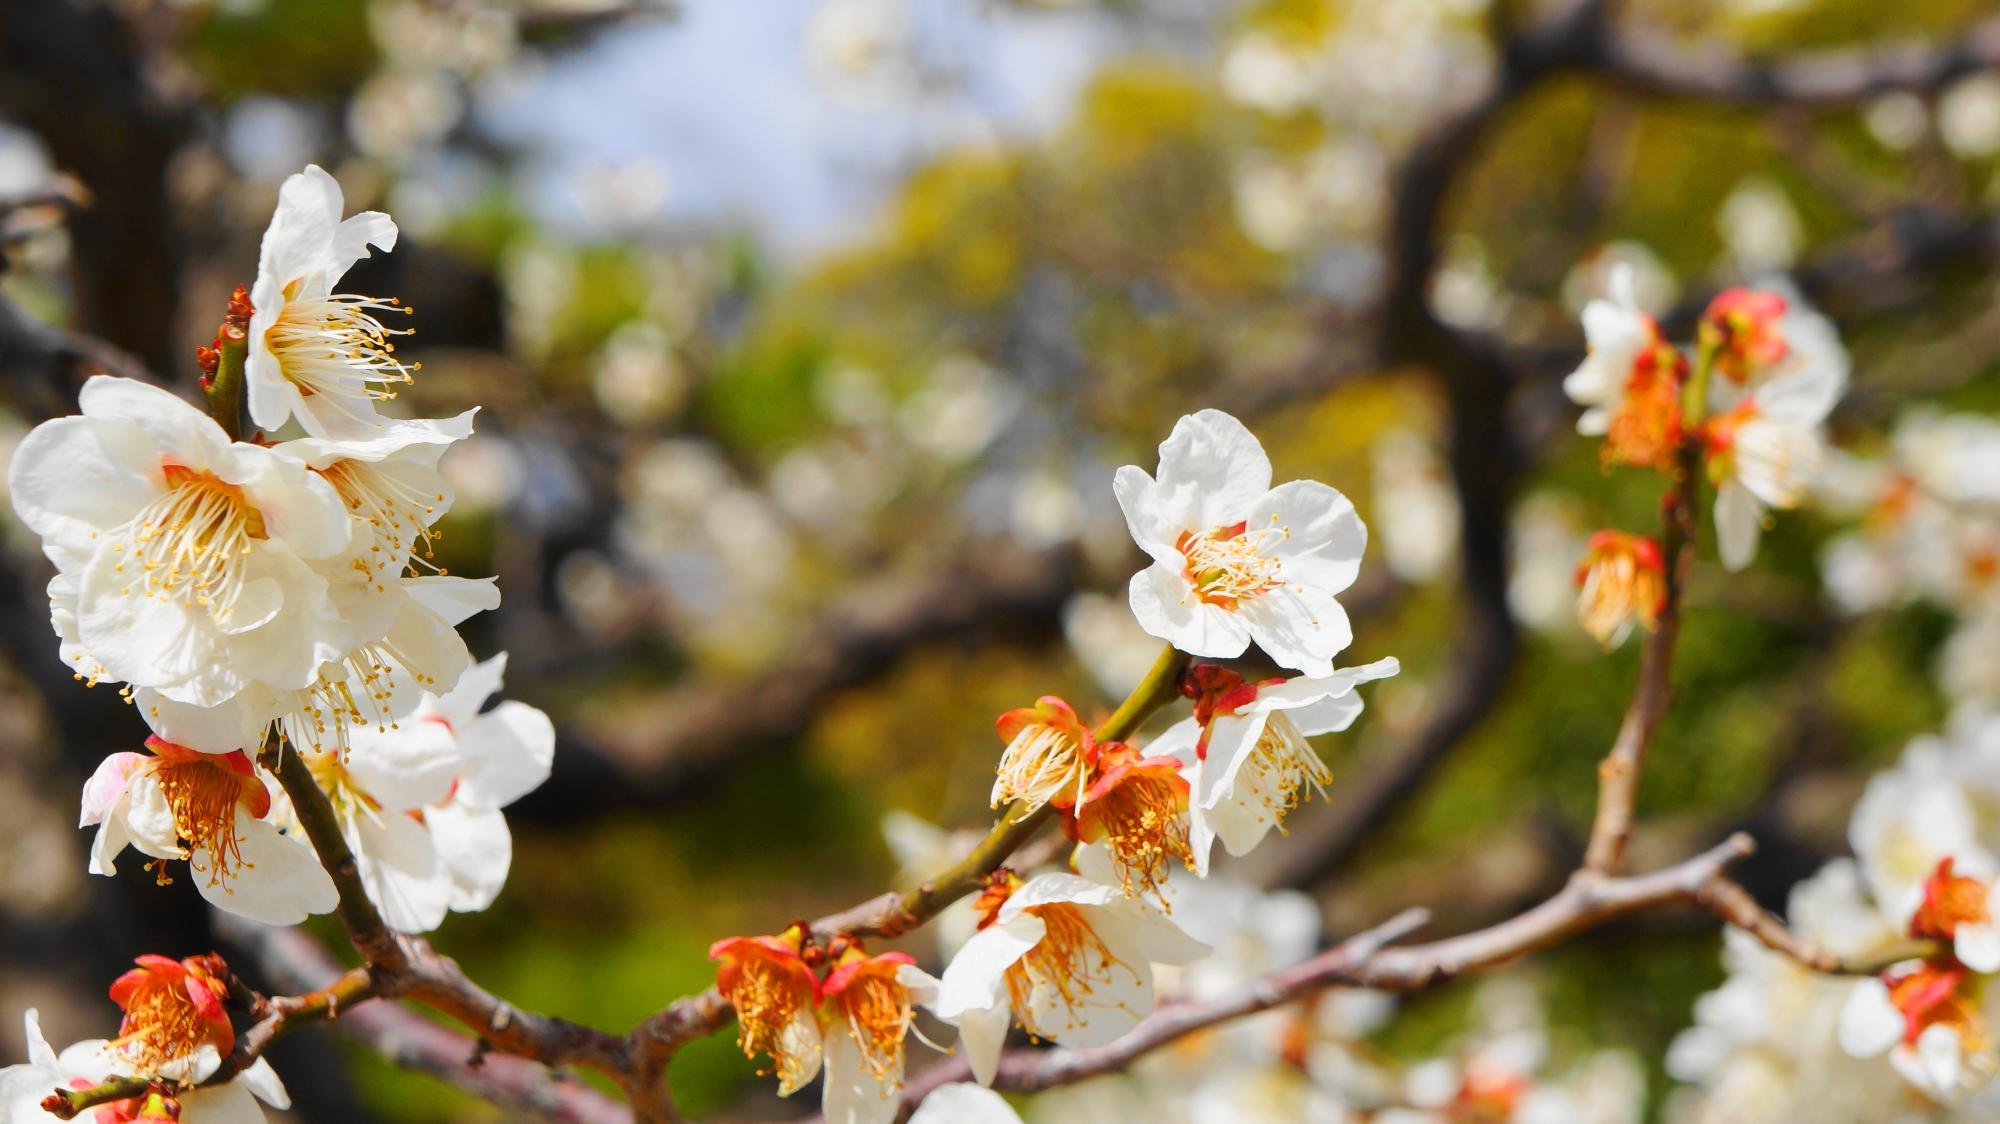 いろんな方向を向いた梅の花